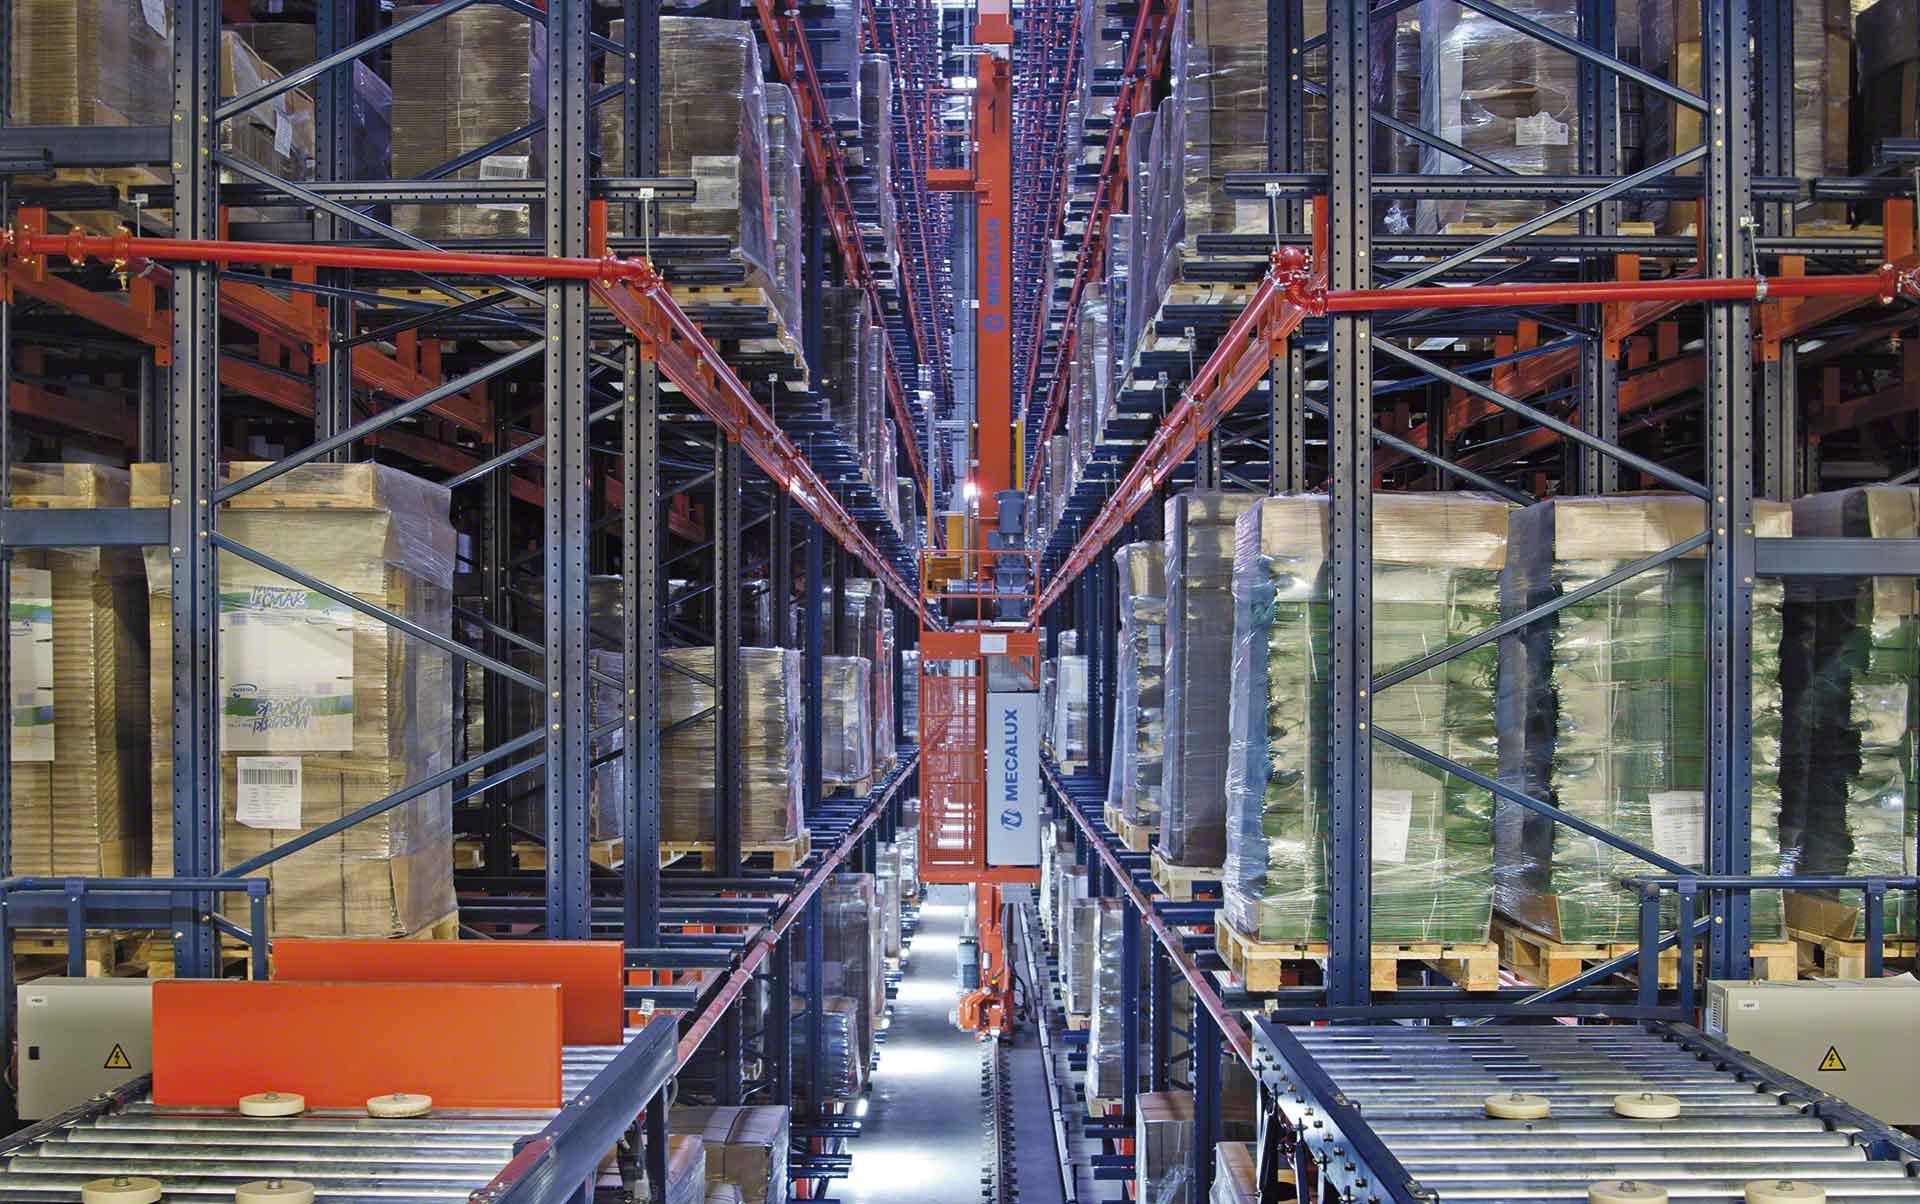 WOK: trzy nowe korytarze z układnicami magazynowymi umożliwiające dalszą ekspansję